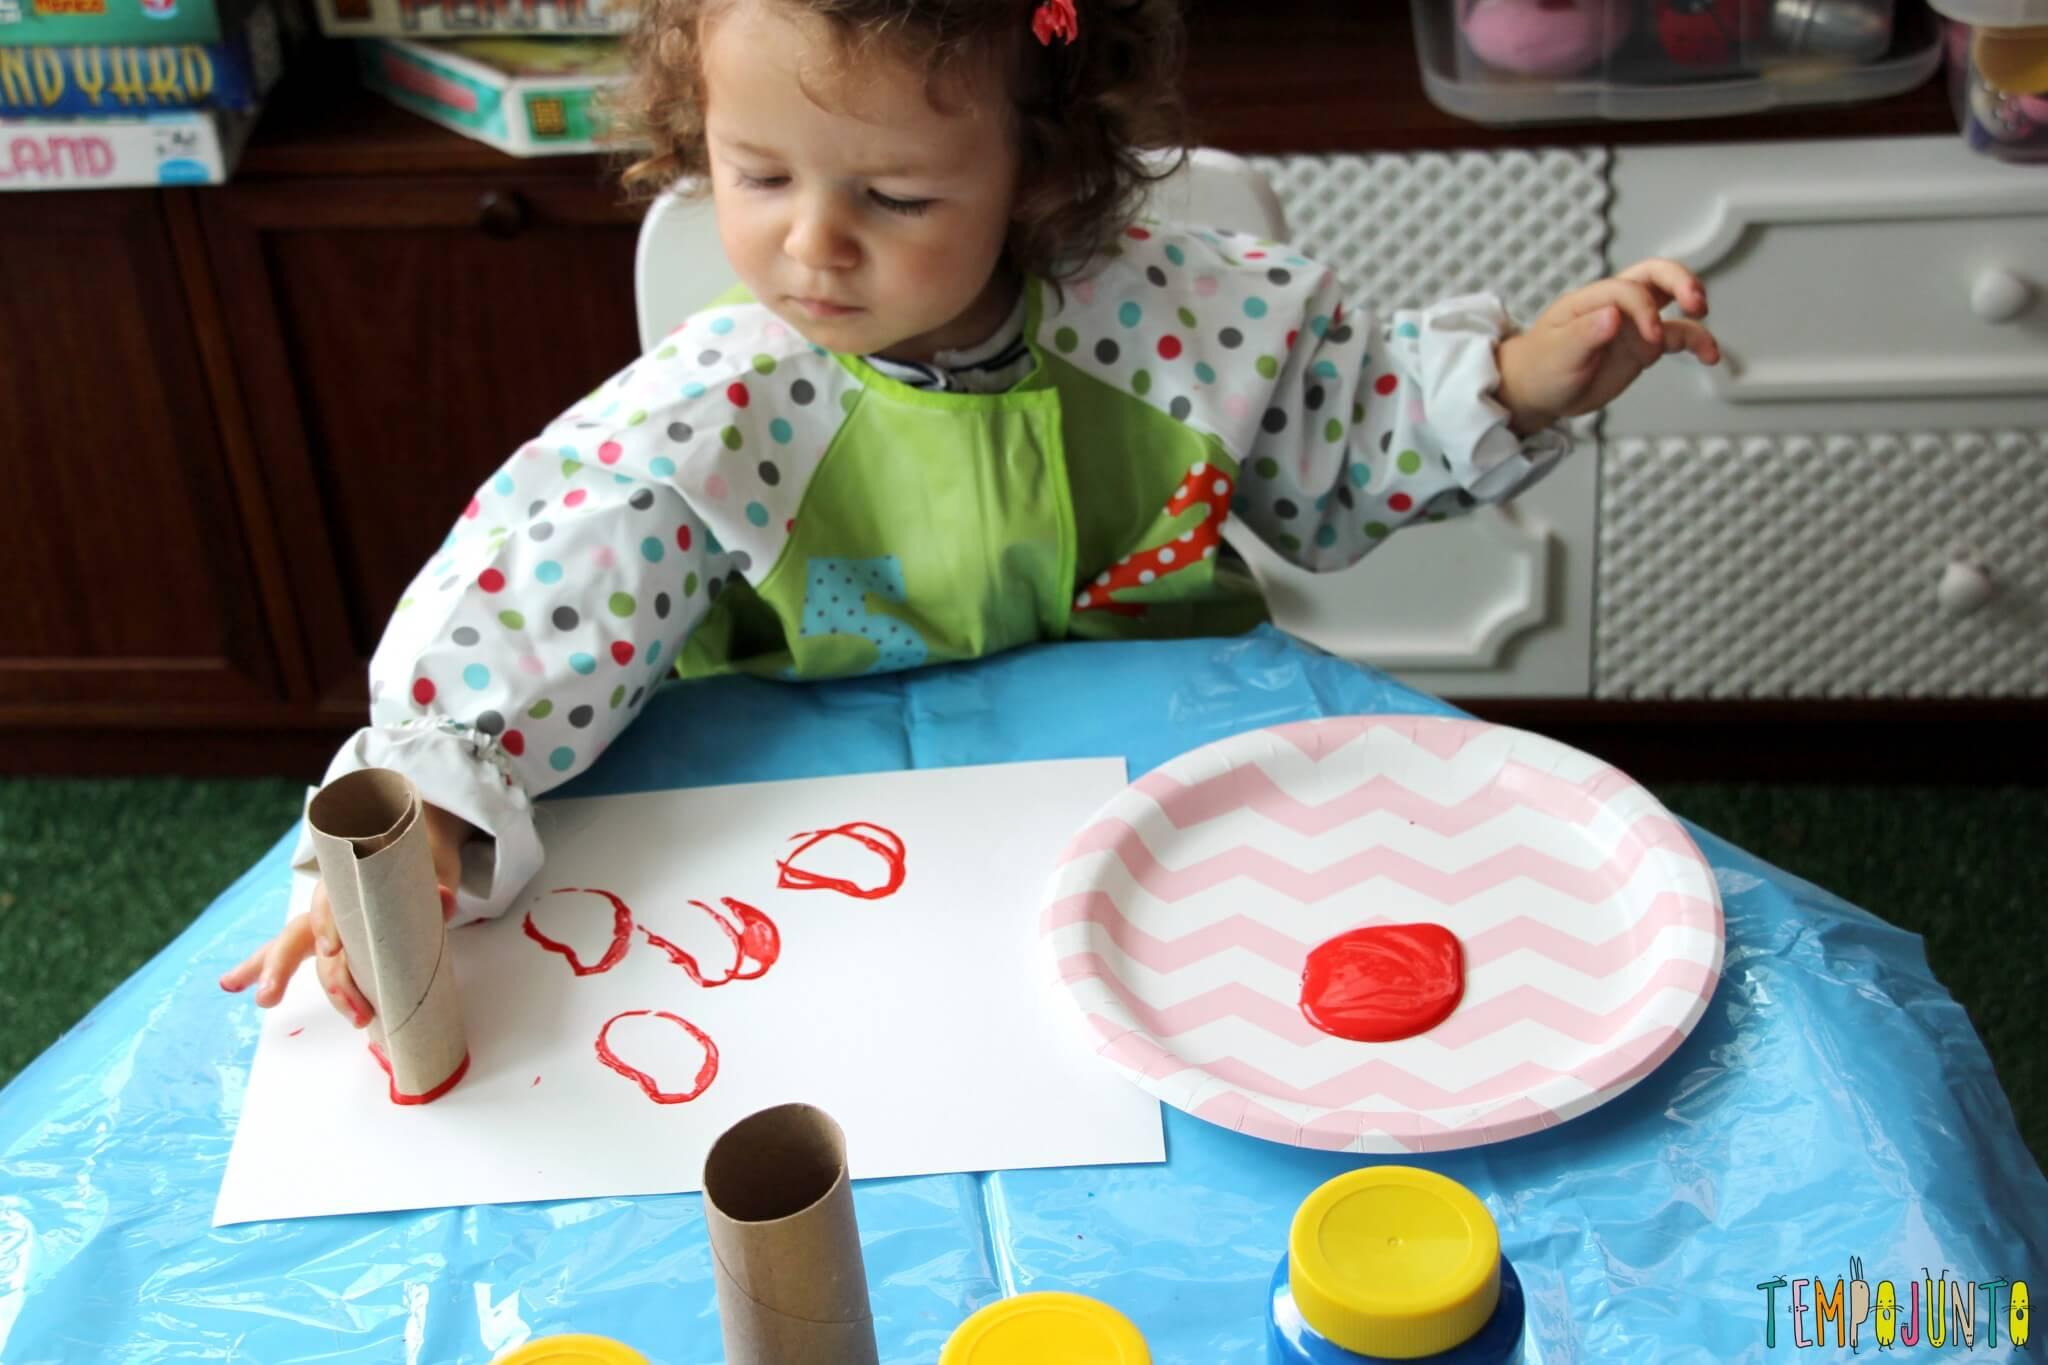 Atividade de artes para crianças pequenas - gabi carimbando 2